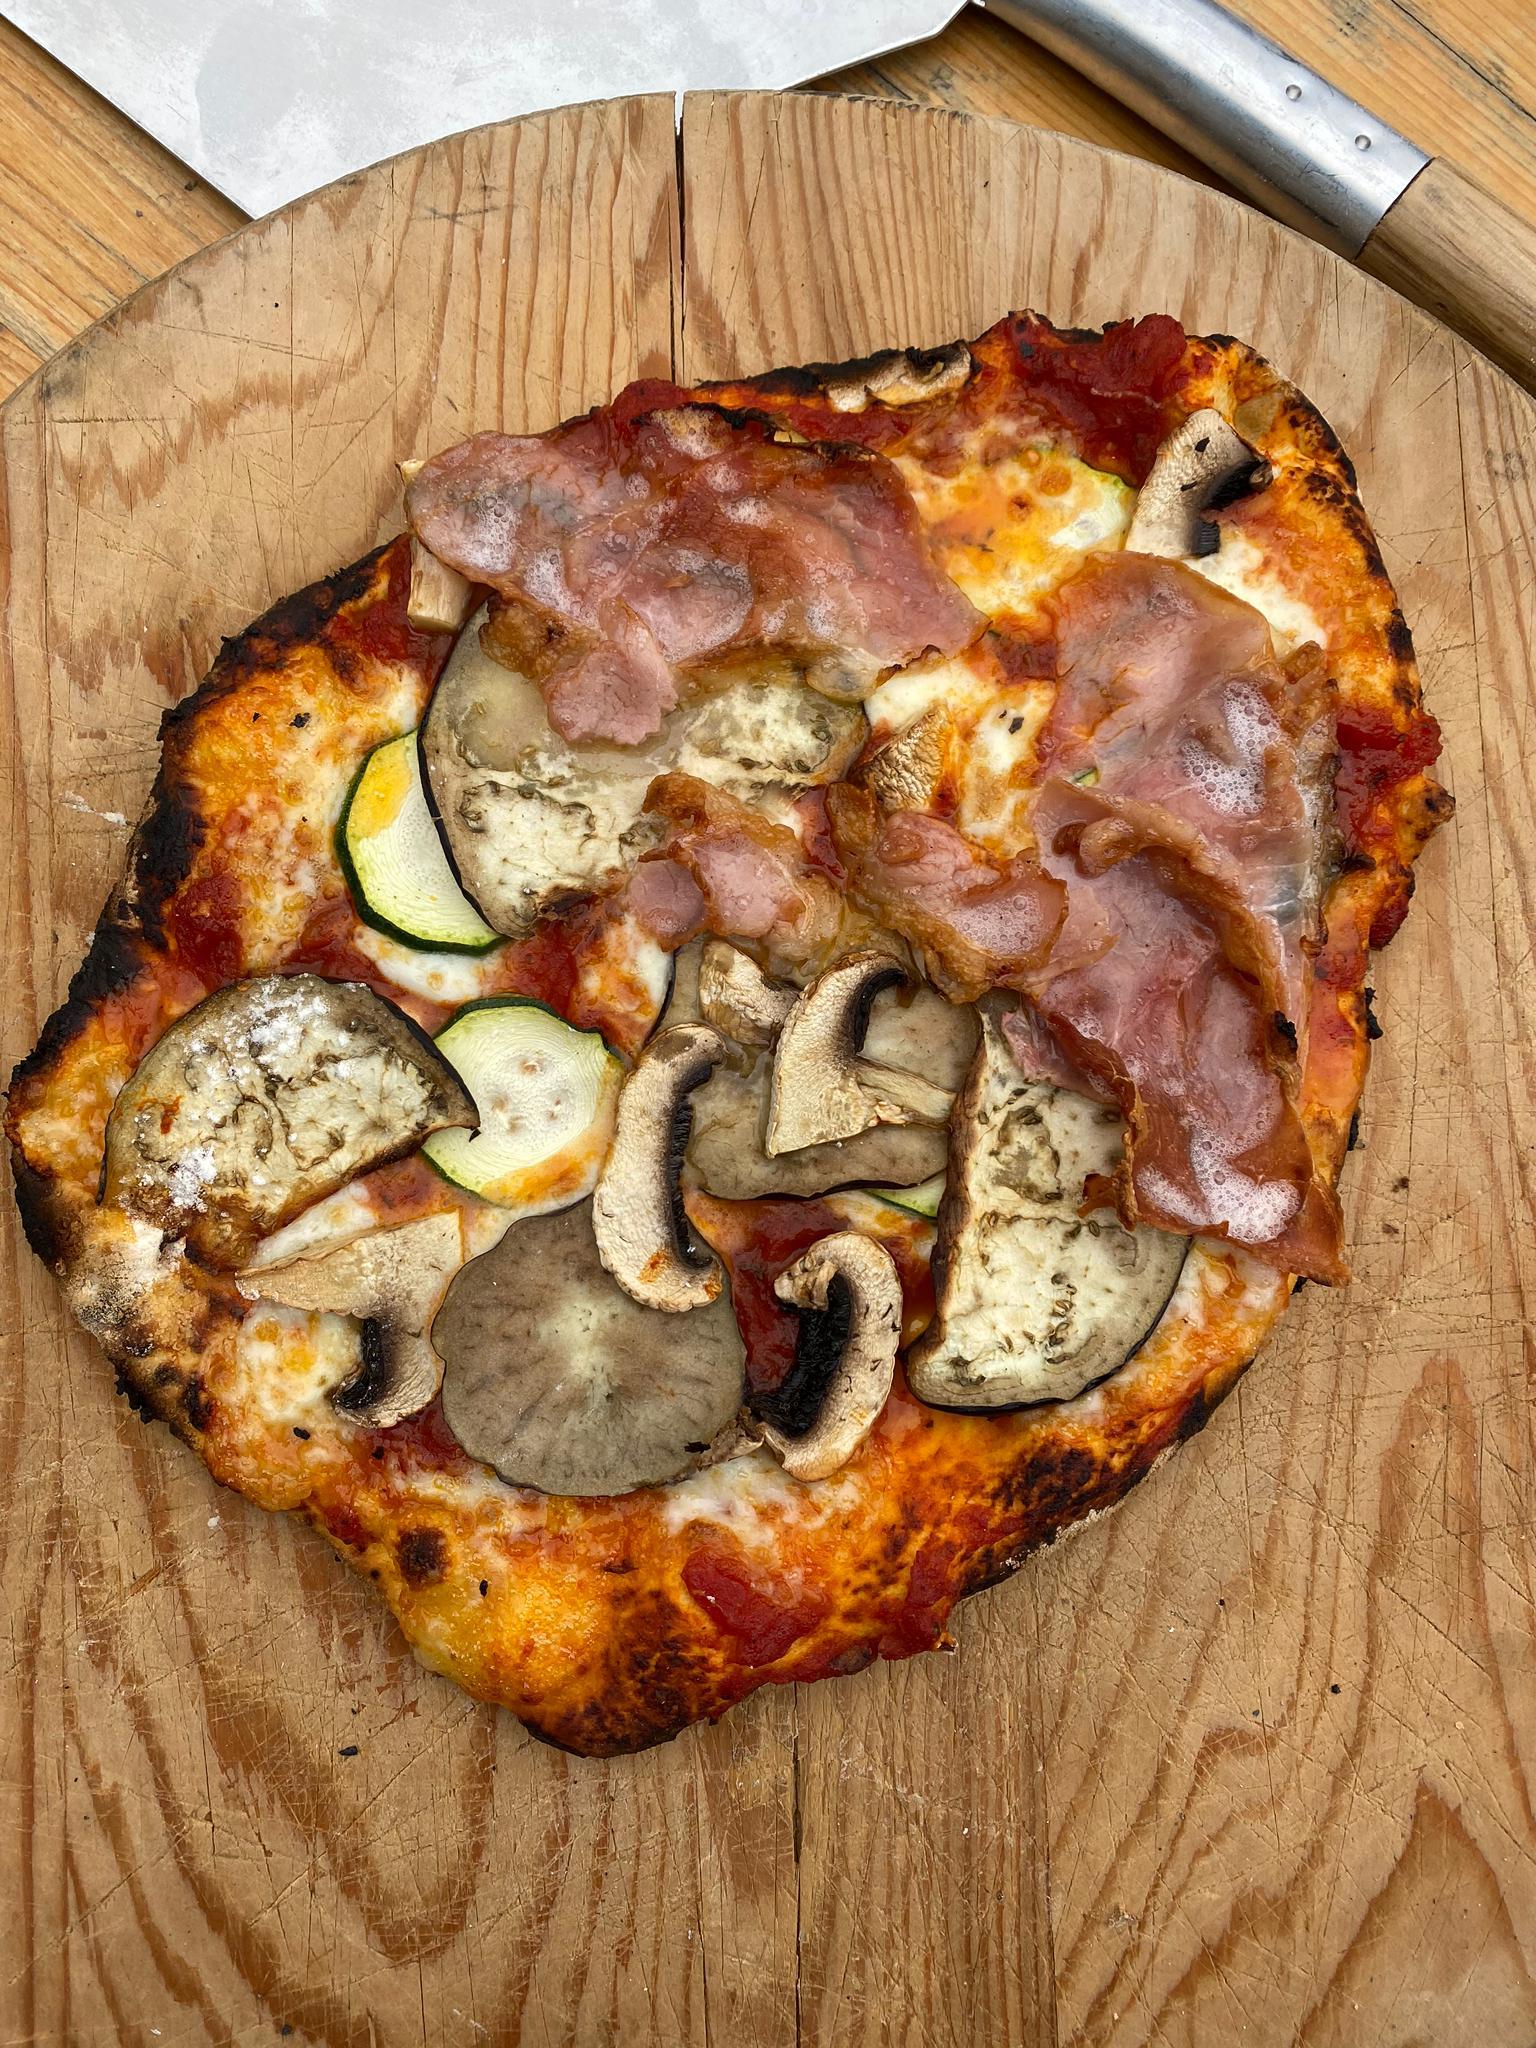 Pizzaofen Onsernonetal-Tessin       Vom ersten Spatenstich bis zu fertigen Pizza